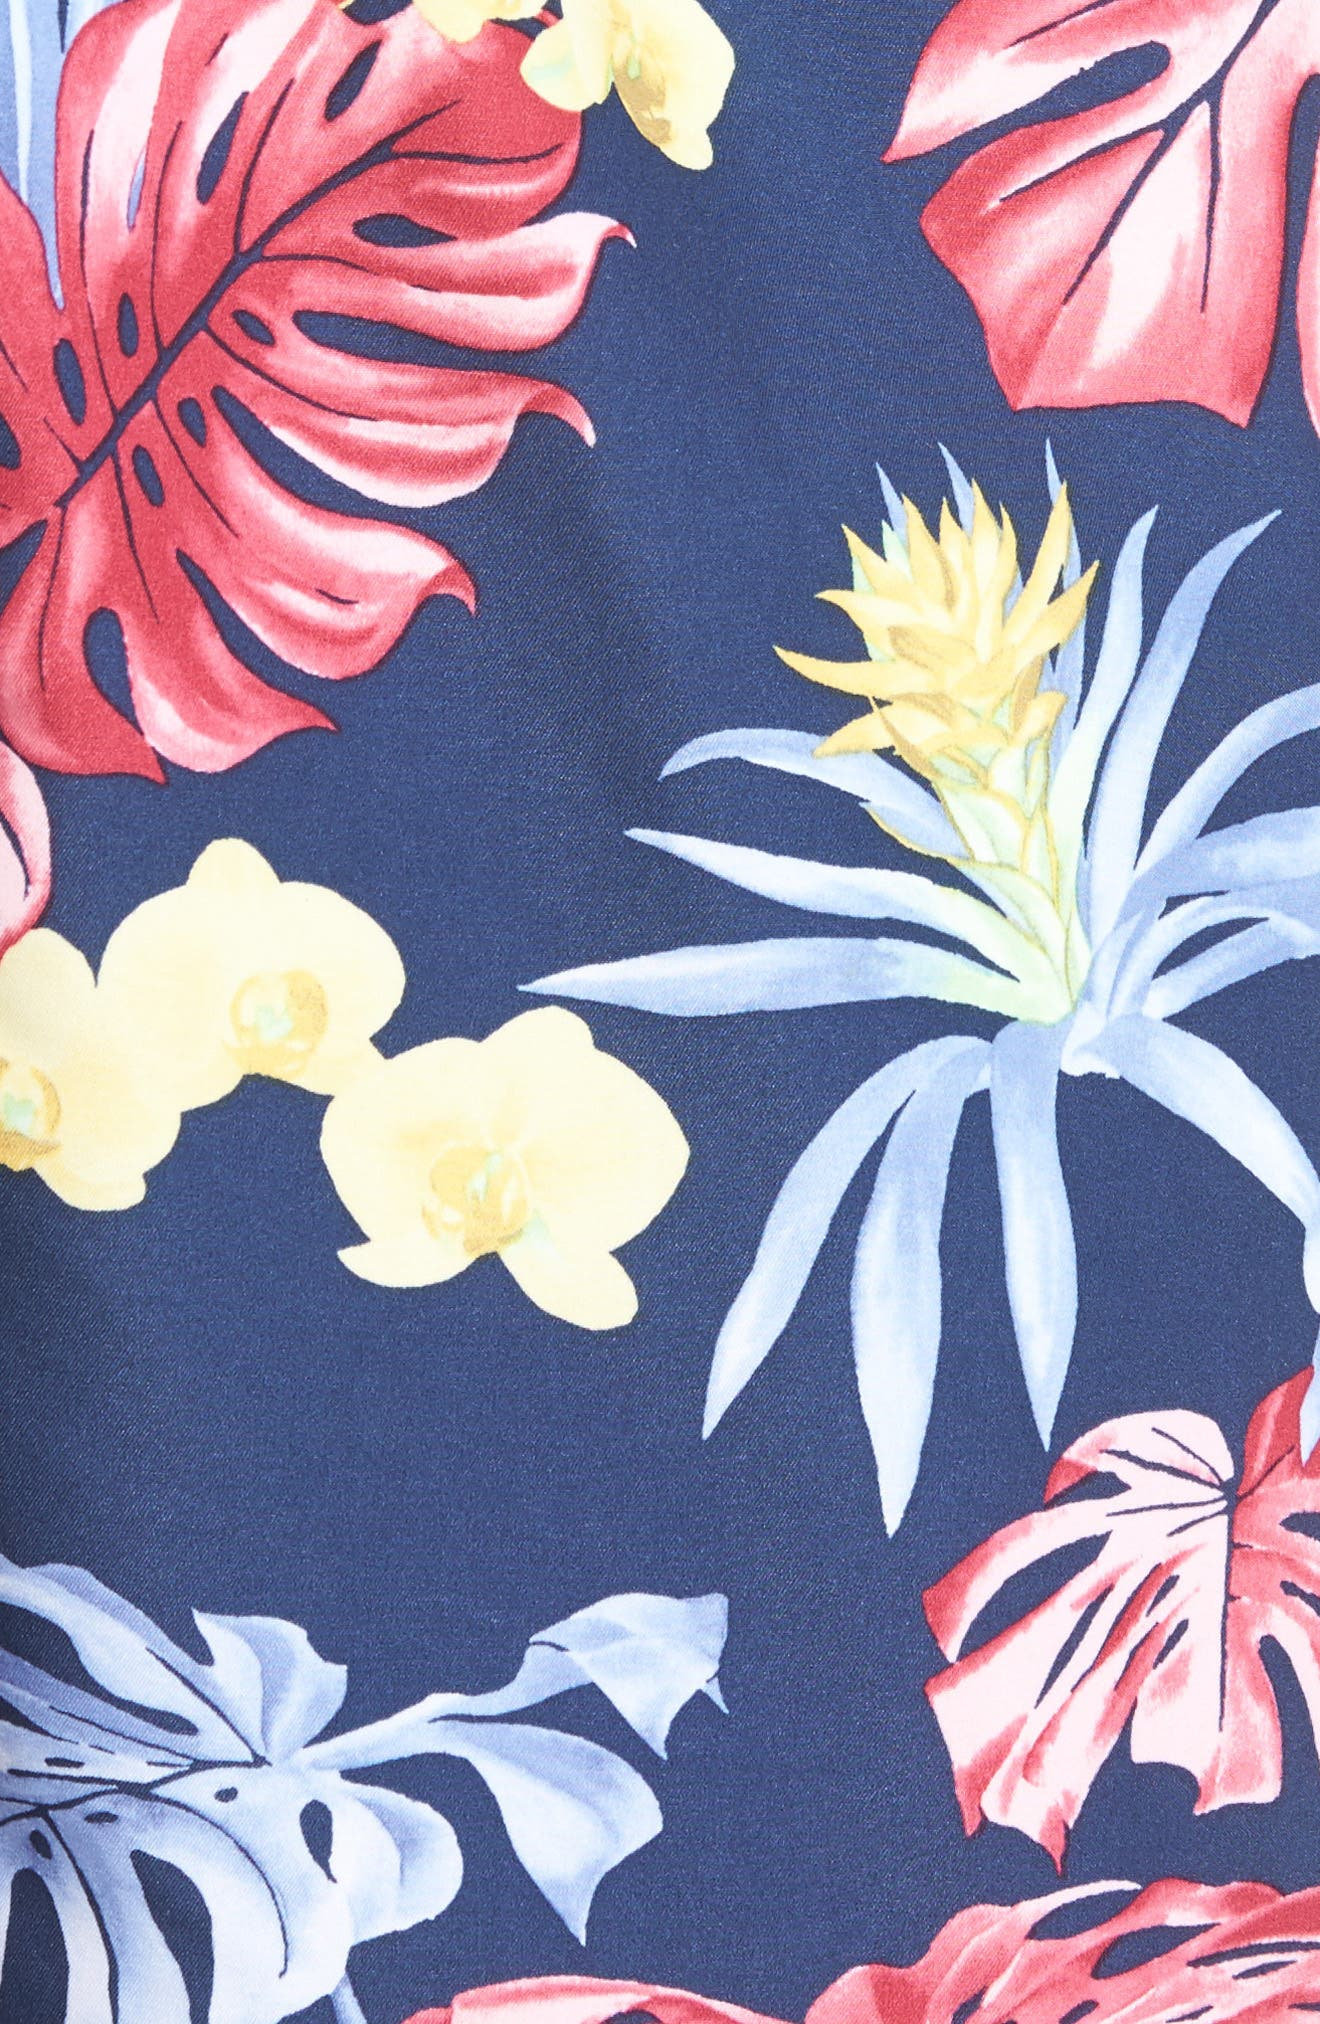 Naples Bogart Blooms Swim Trunks,                             Alternate thumbnail 5, color,                             Ocean Deep